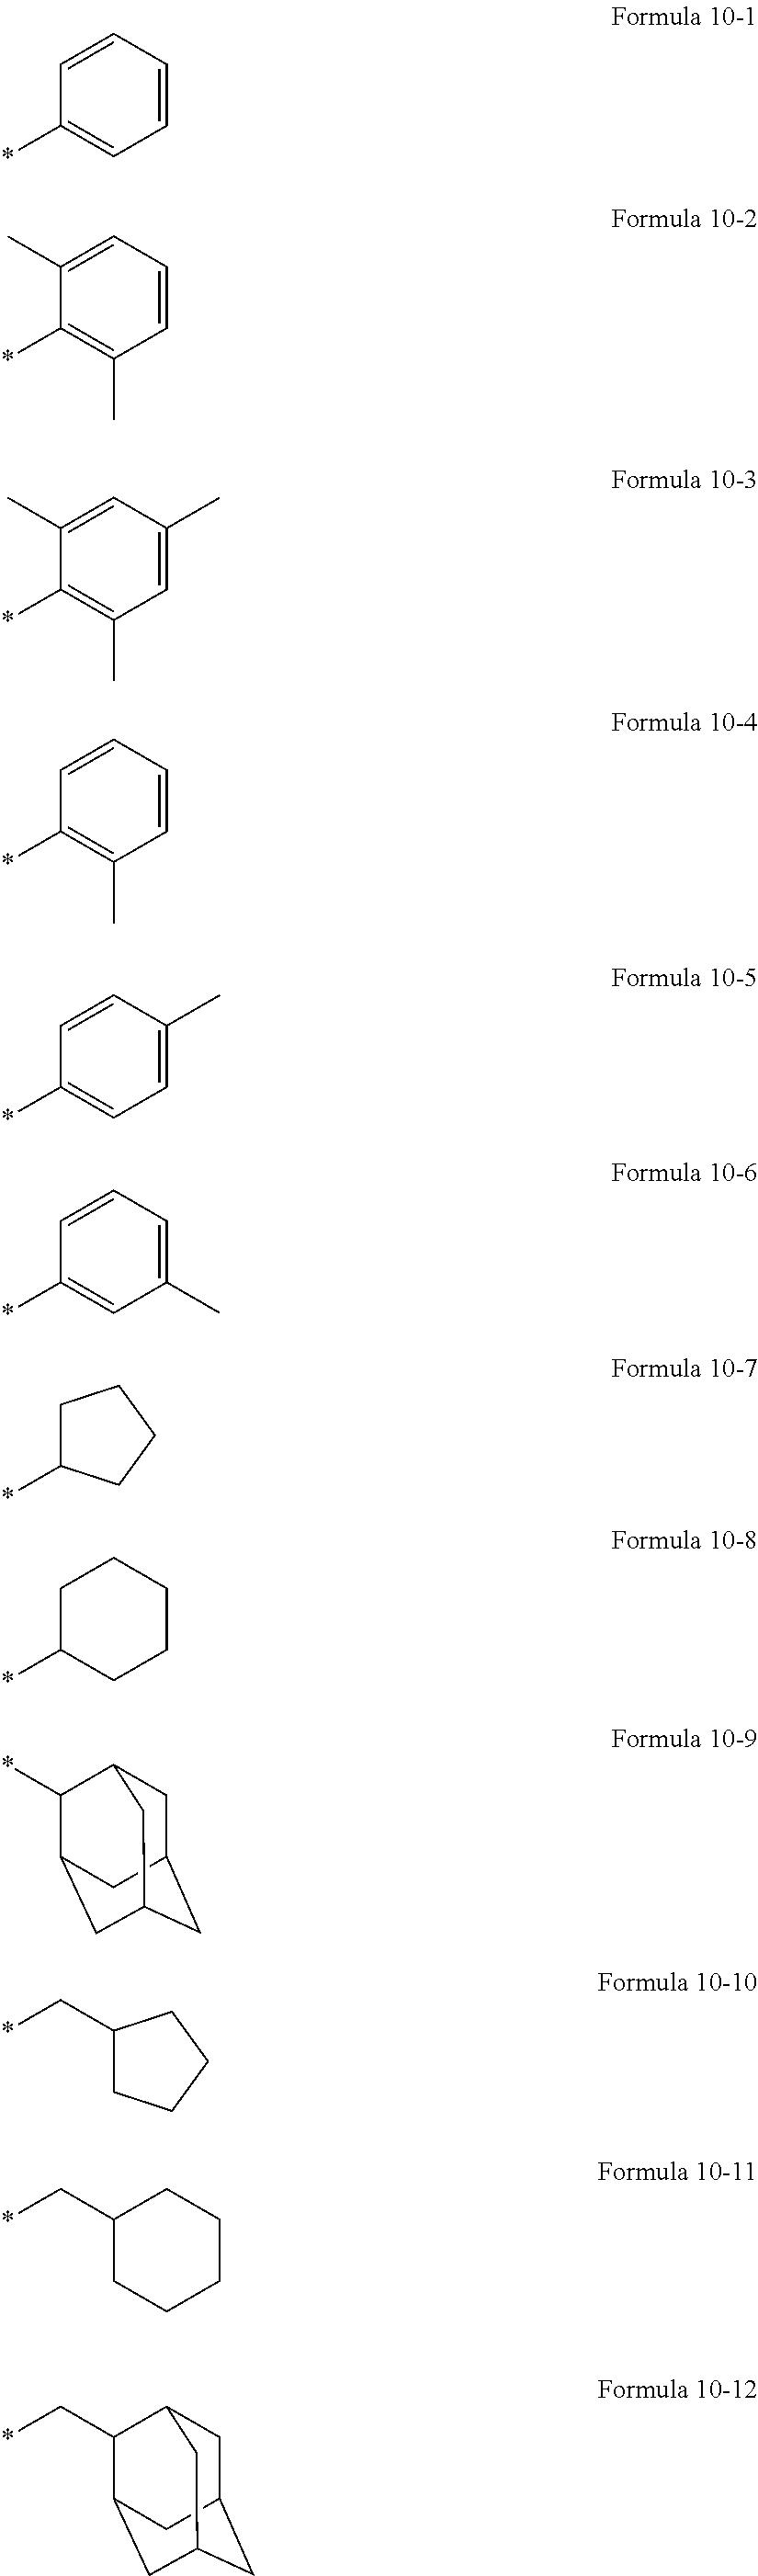 Figure US20160155962A1-20160602-C00280